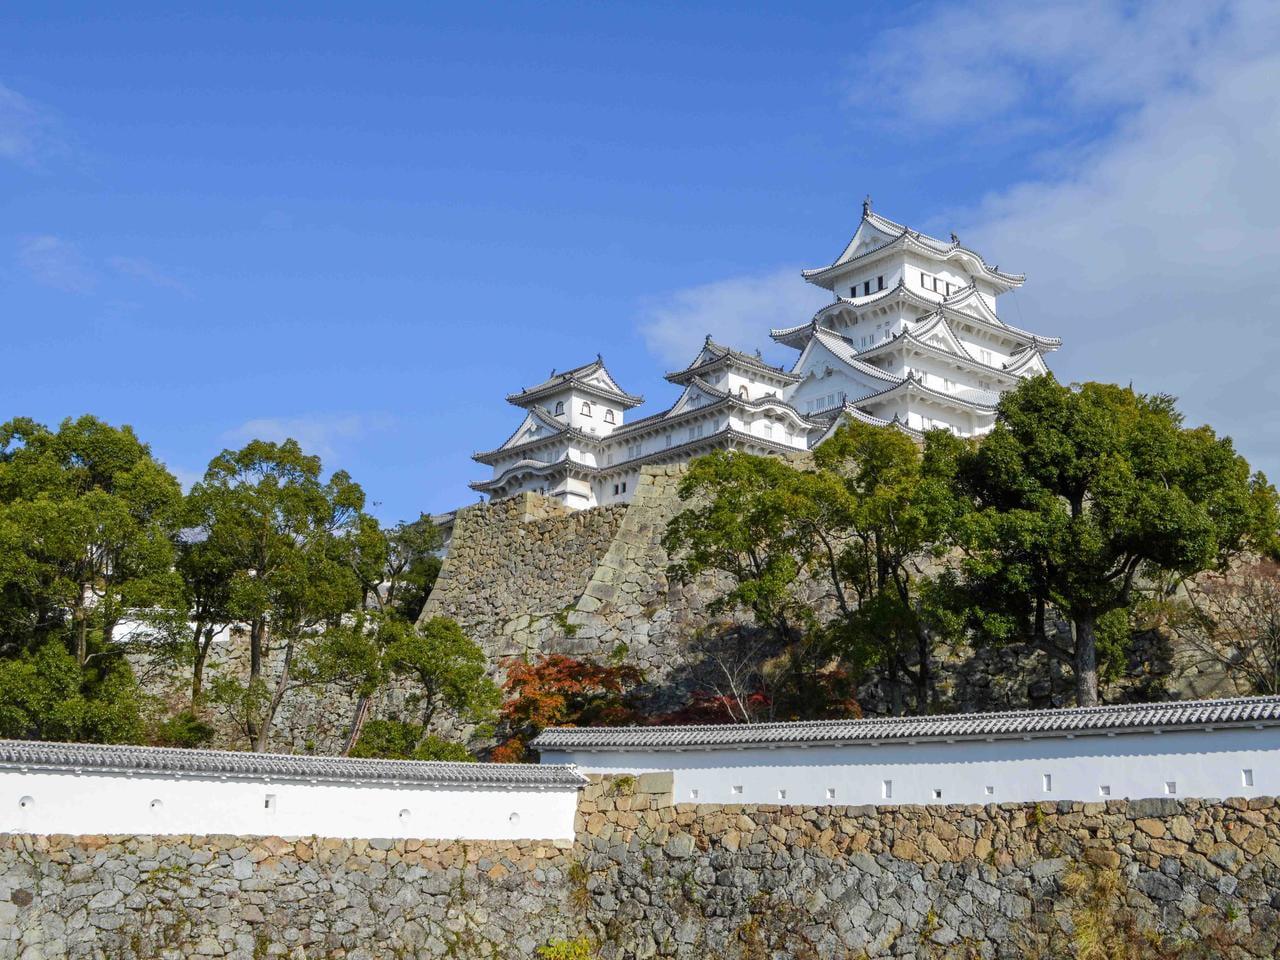 【最新情報】世界遺産姫路城マラソン2020【中止】ランナーへの対応は?